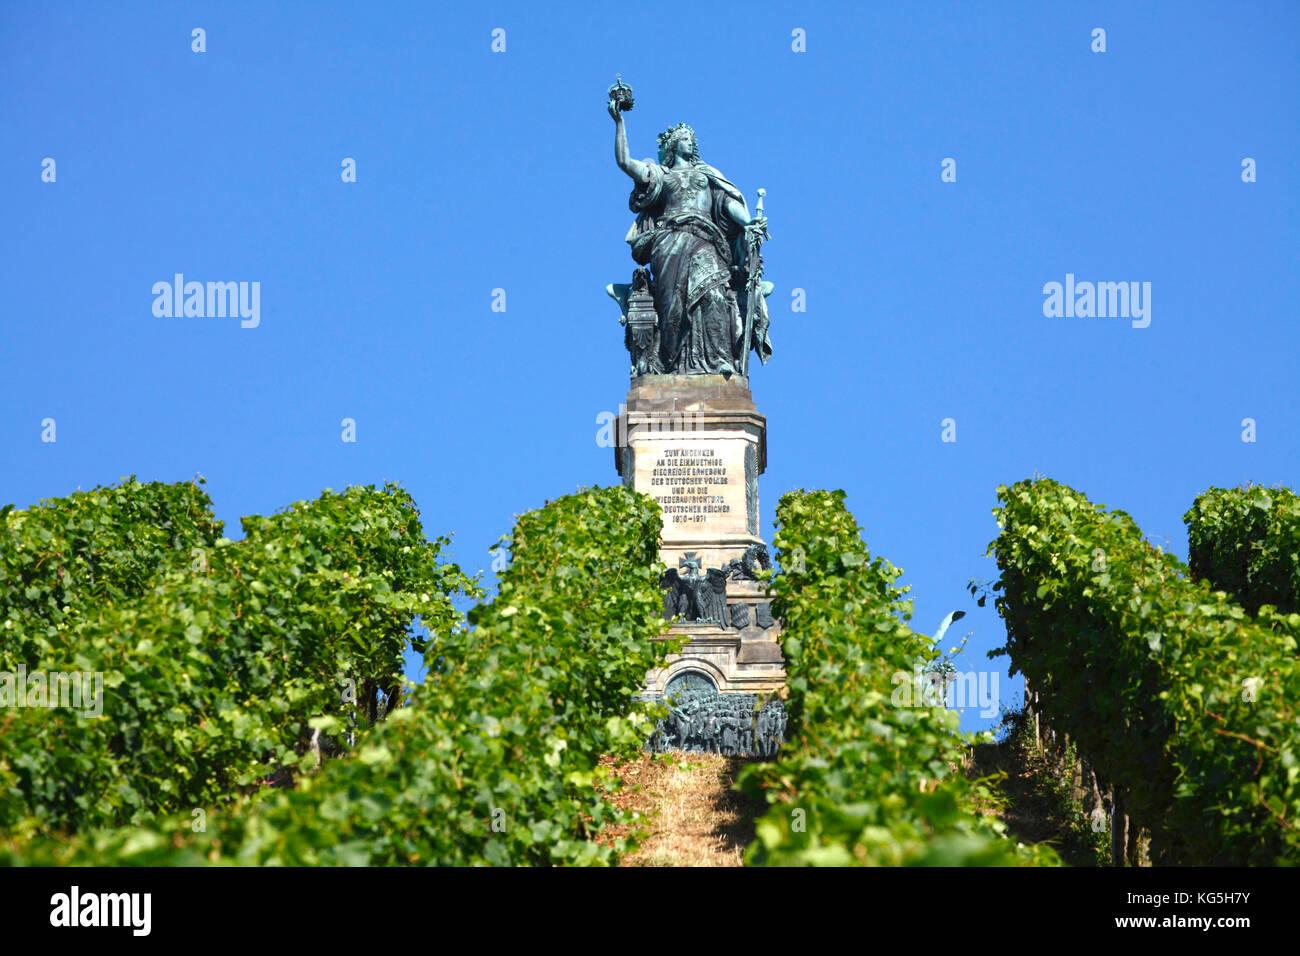 Rüdesheim am Rhein, the Niederwalddenkmal (monument) Stock Photo